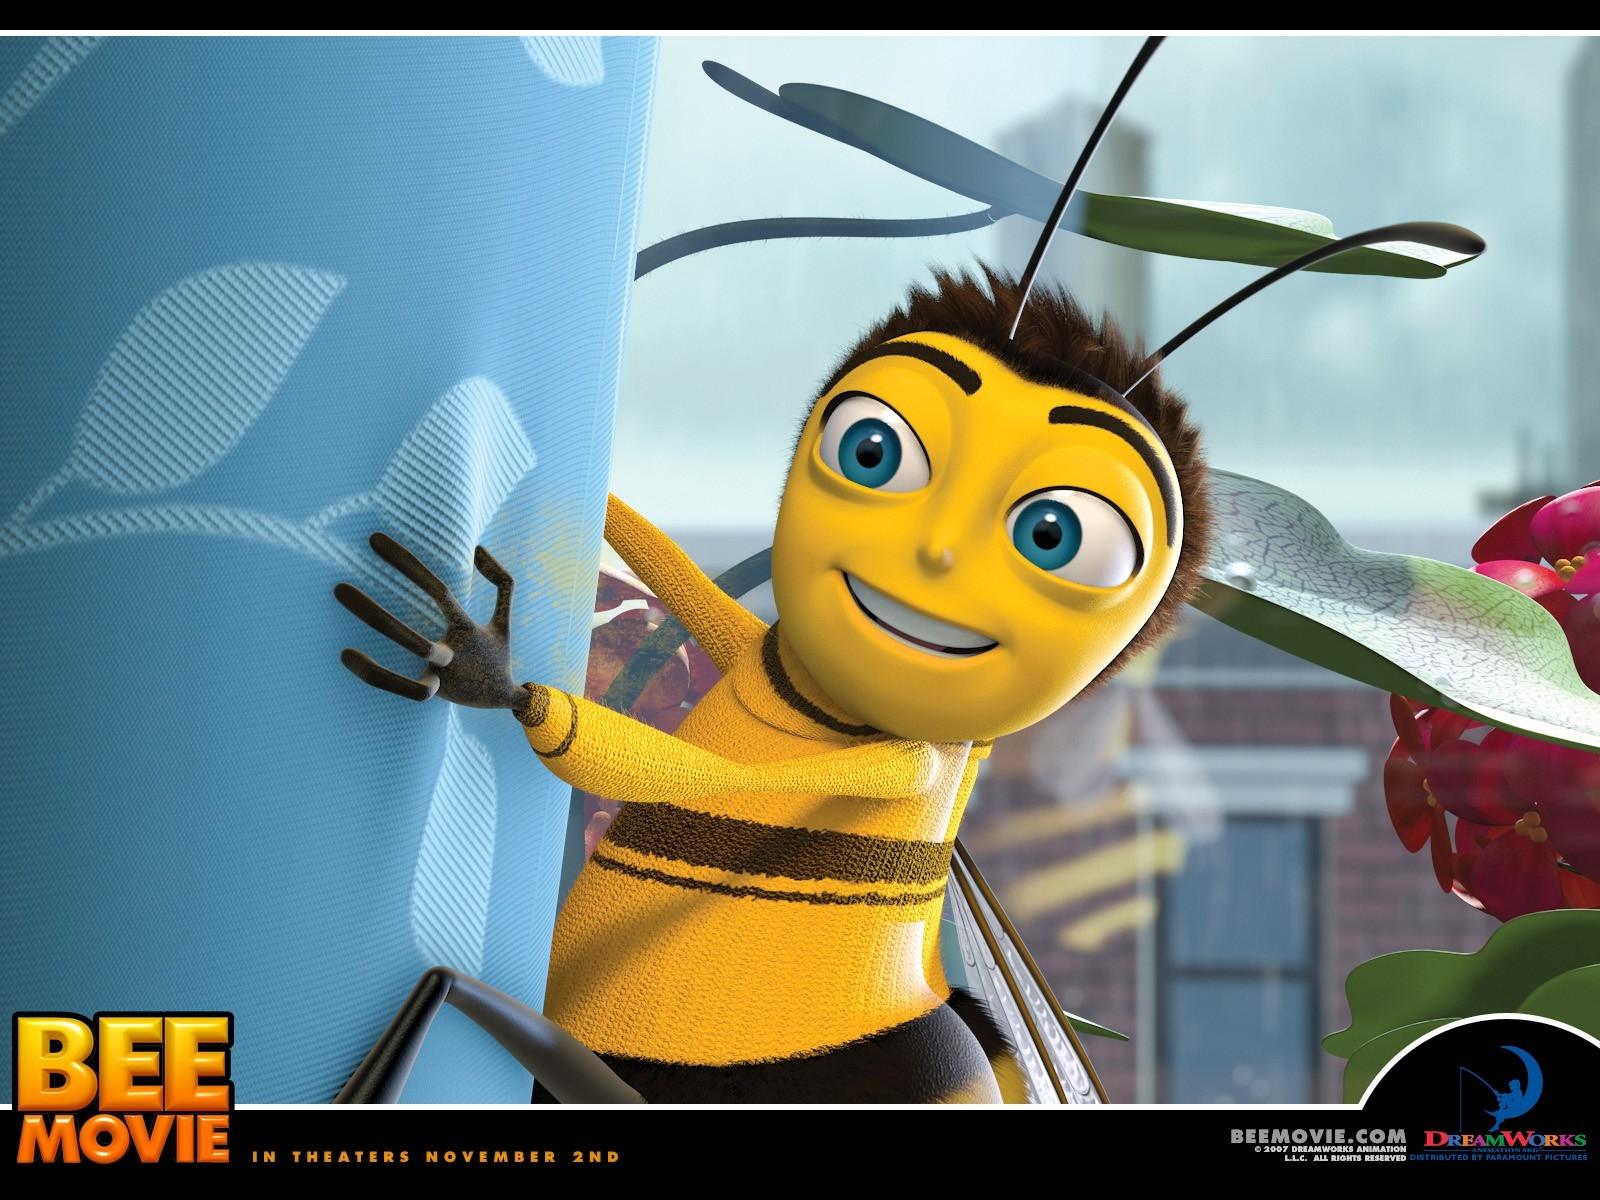 Wallpaper del film Bee Movie con il protagonista del film